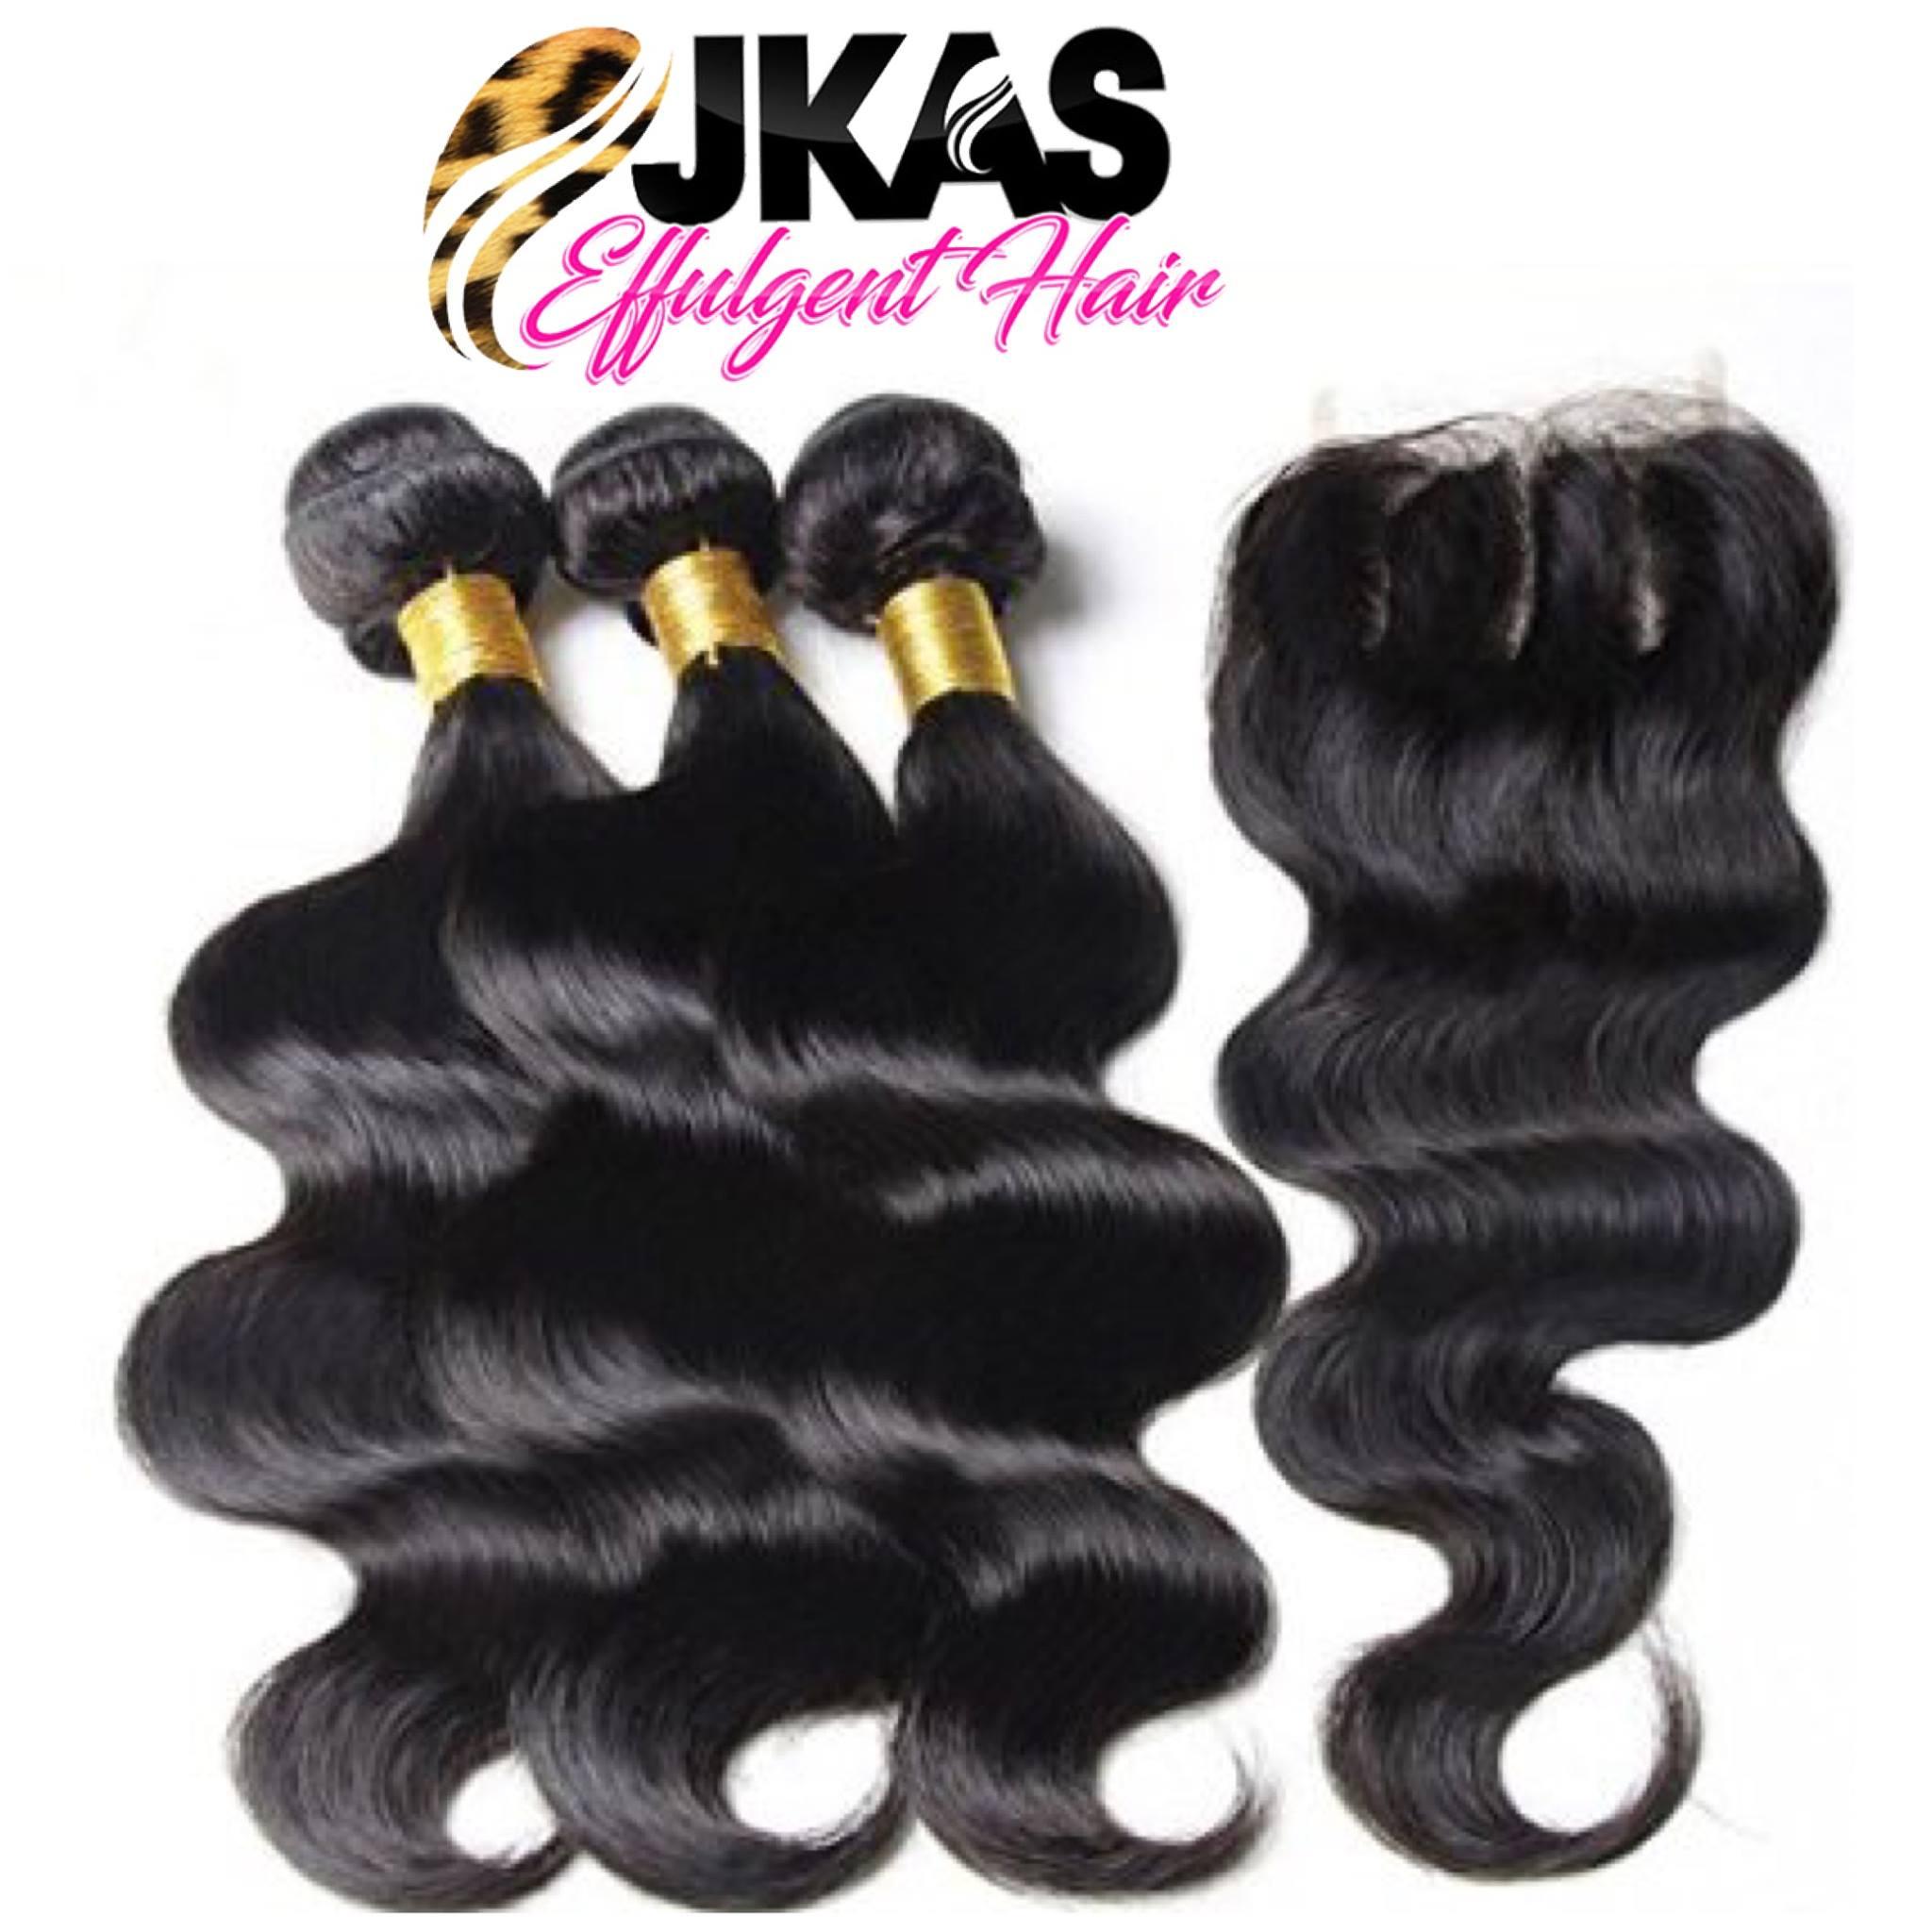 JKA's Effulgent Hair